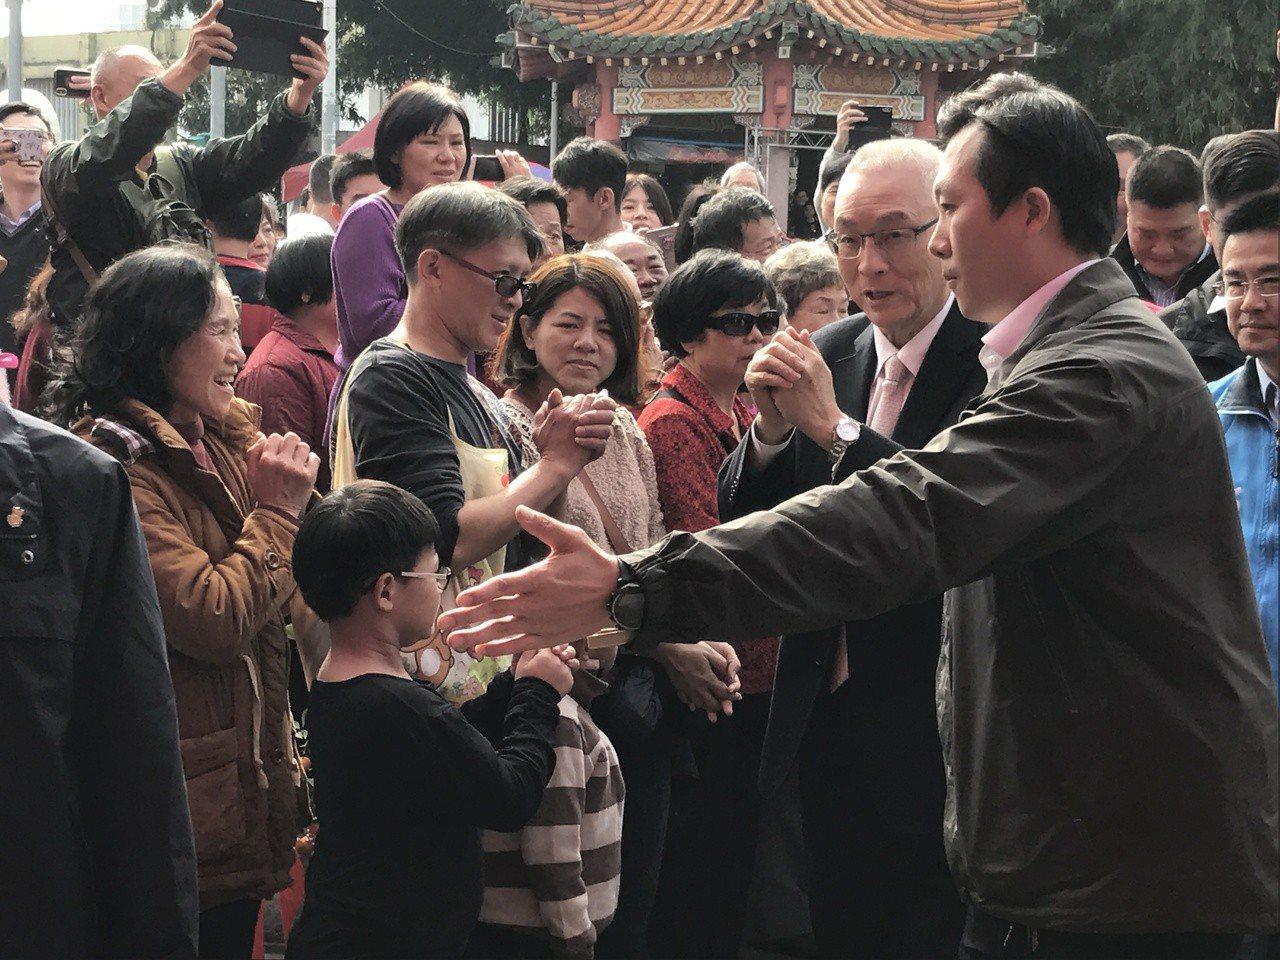 國民黨主席吳敦義下午到三重先嗇宮參拜,人氣頗旺。記者陳珮琦/攝影